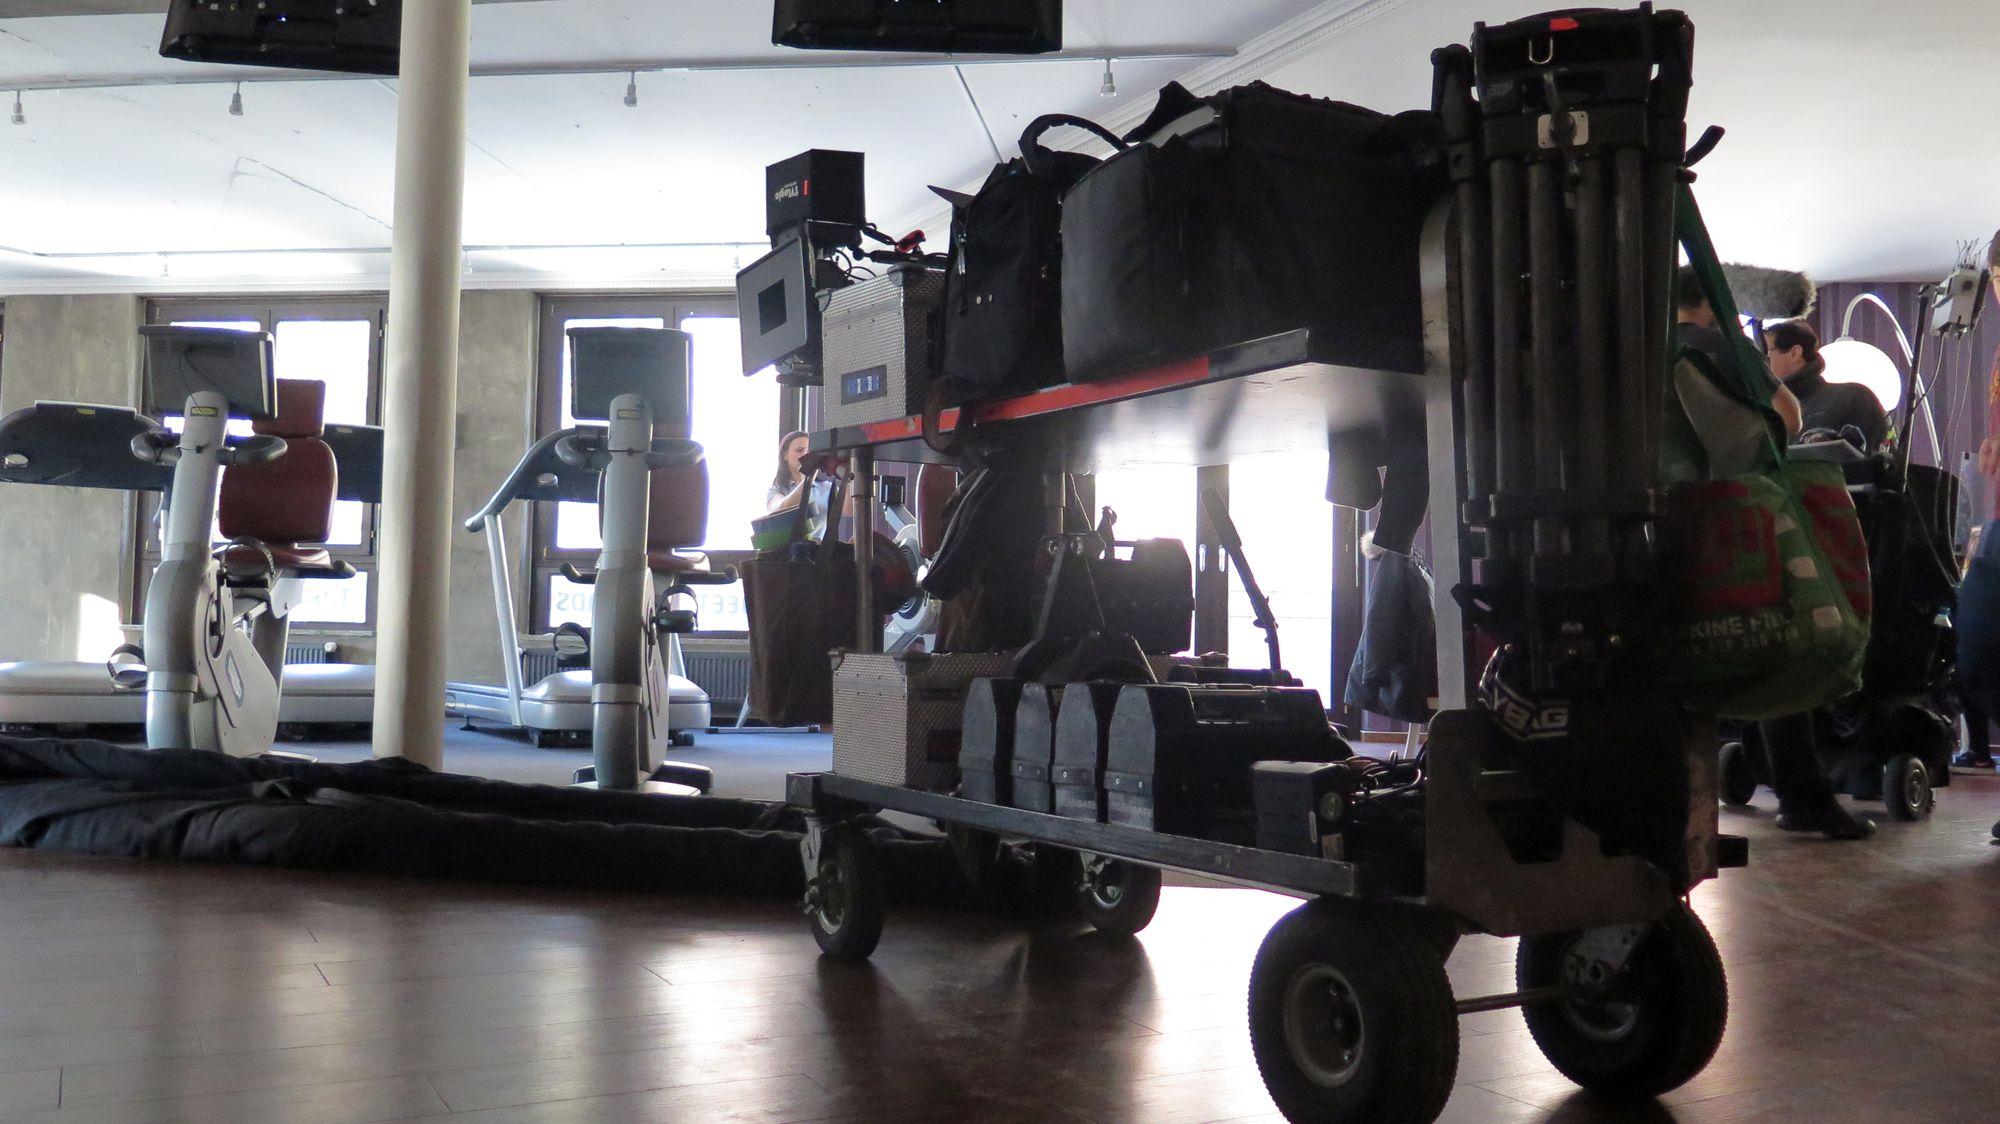 Kamera im Fitness-Studio